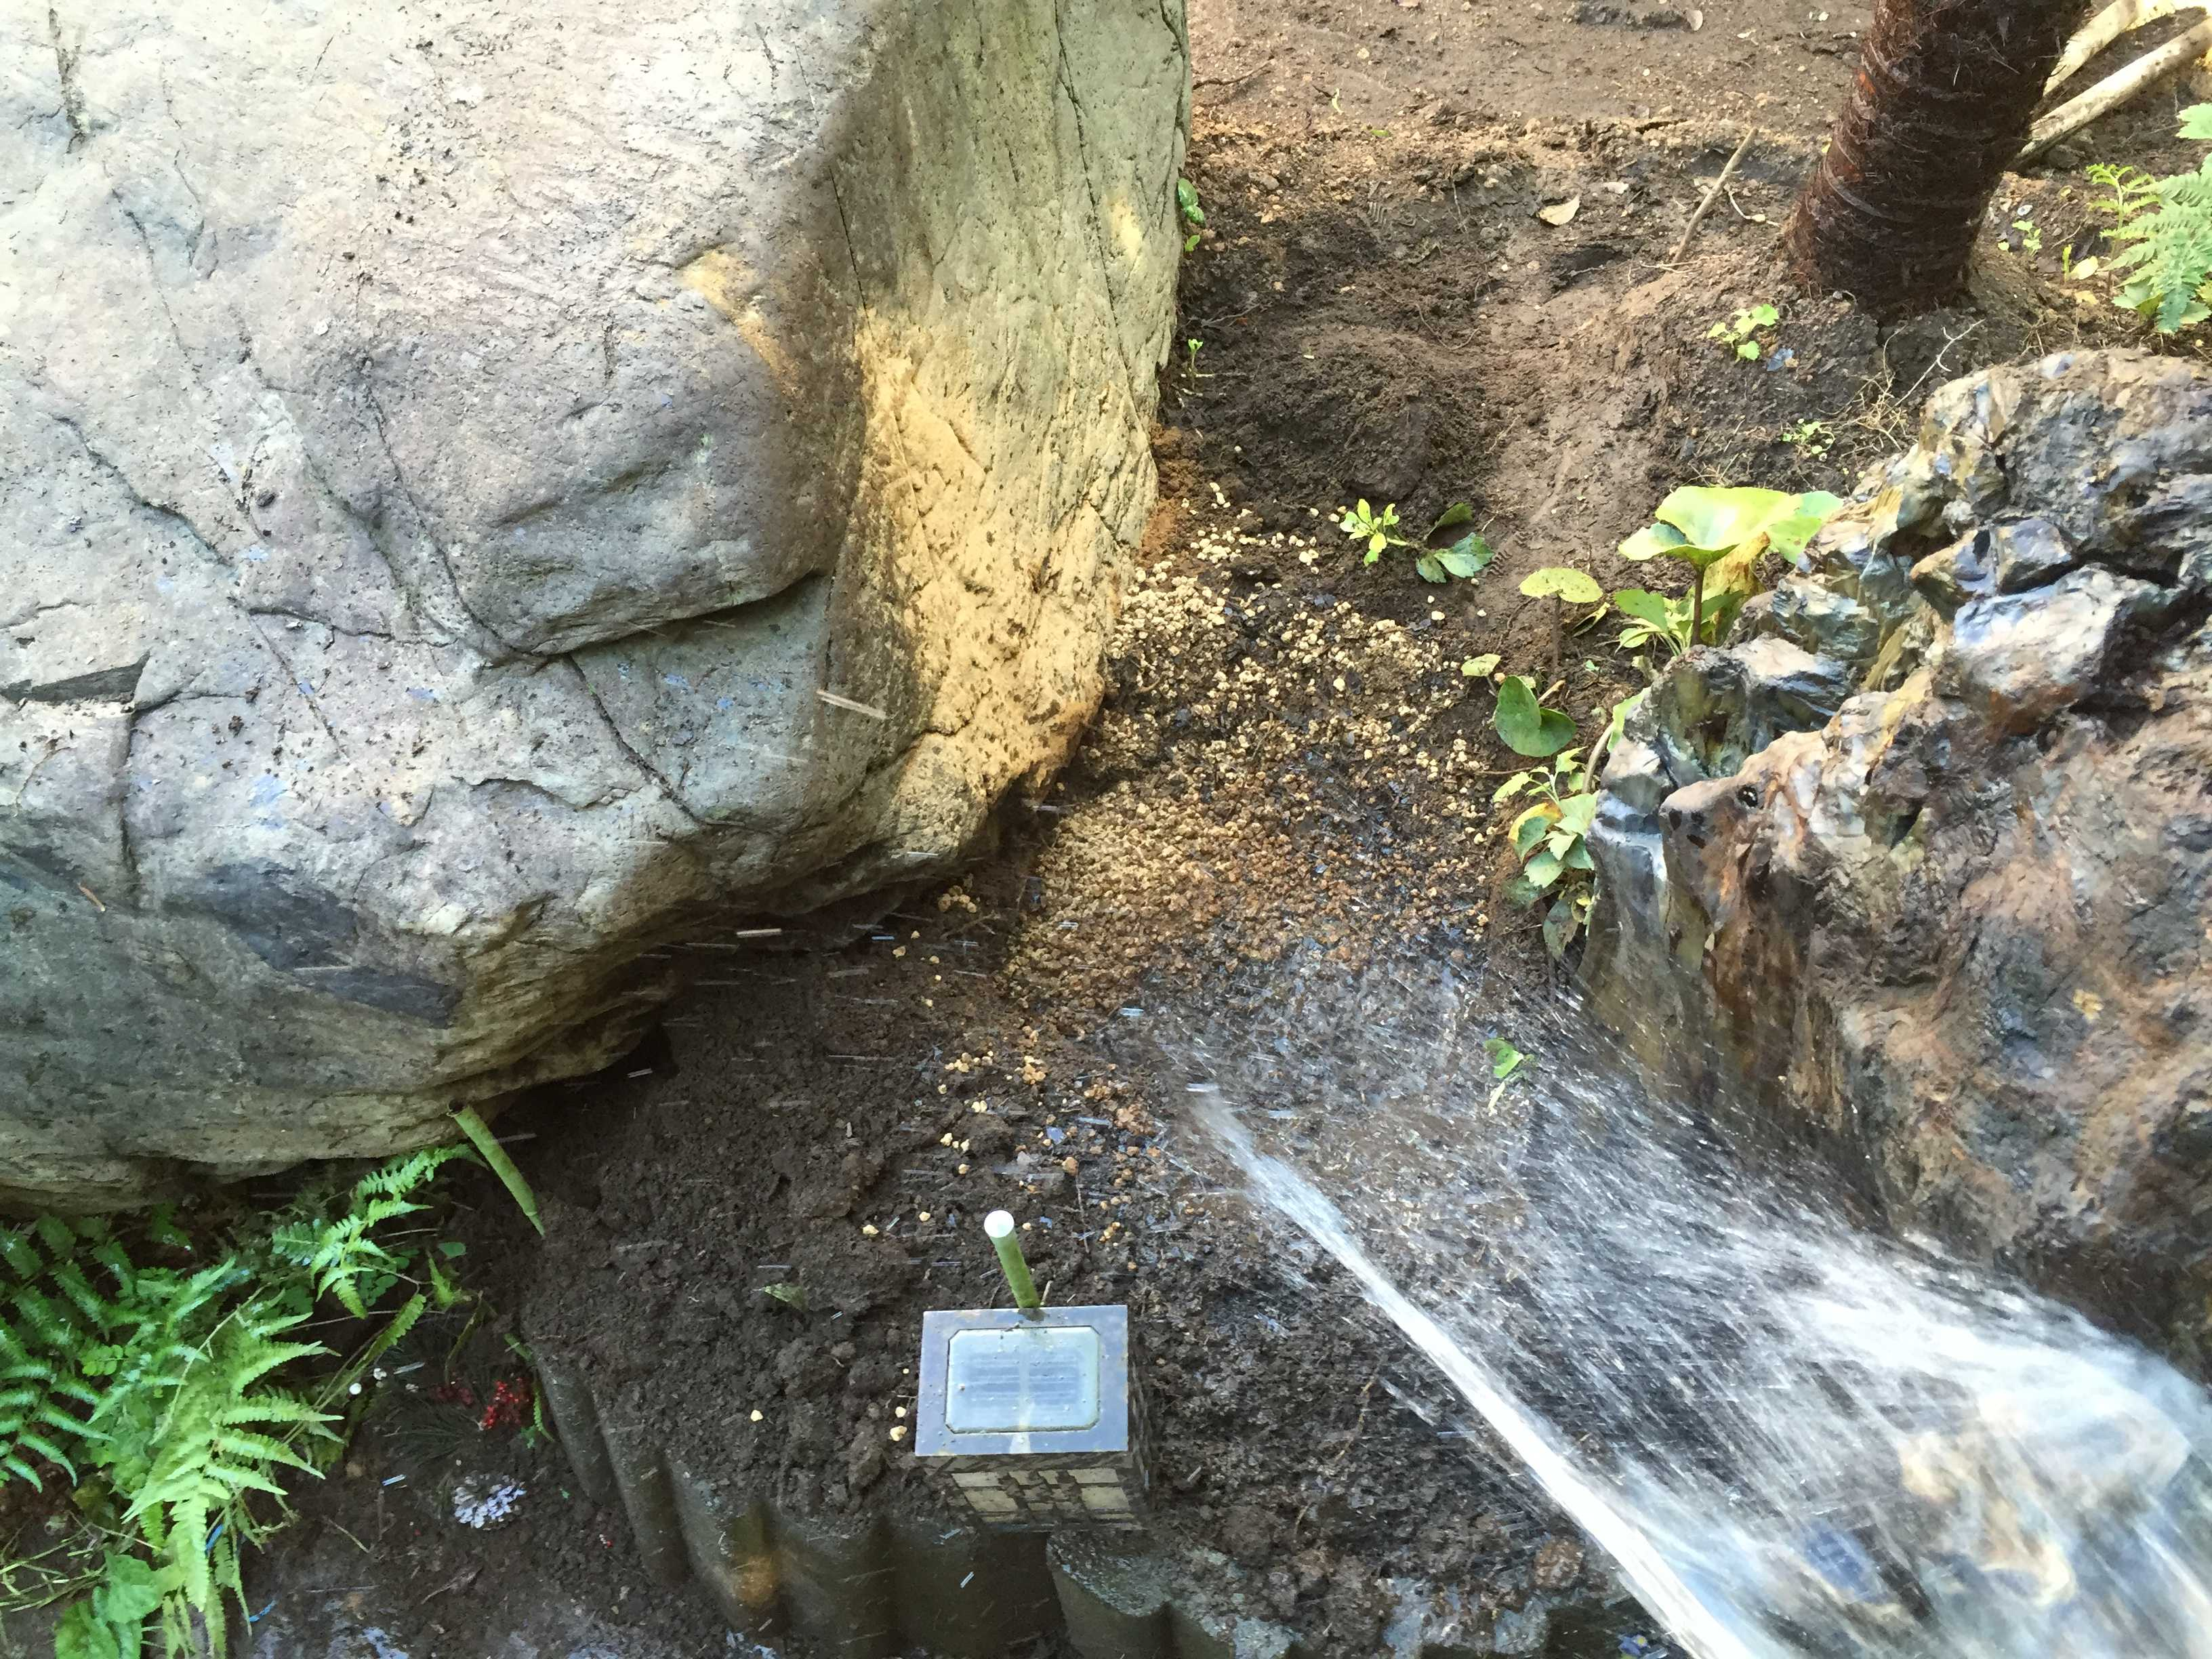 サルスベリ夏祭り(ペパーミントレース)の水やり